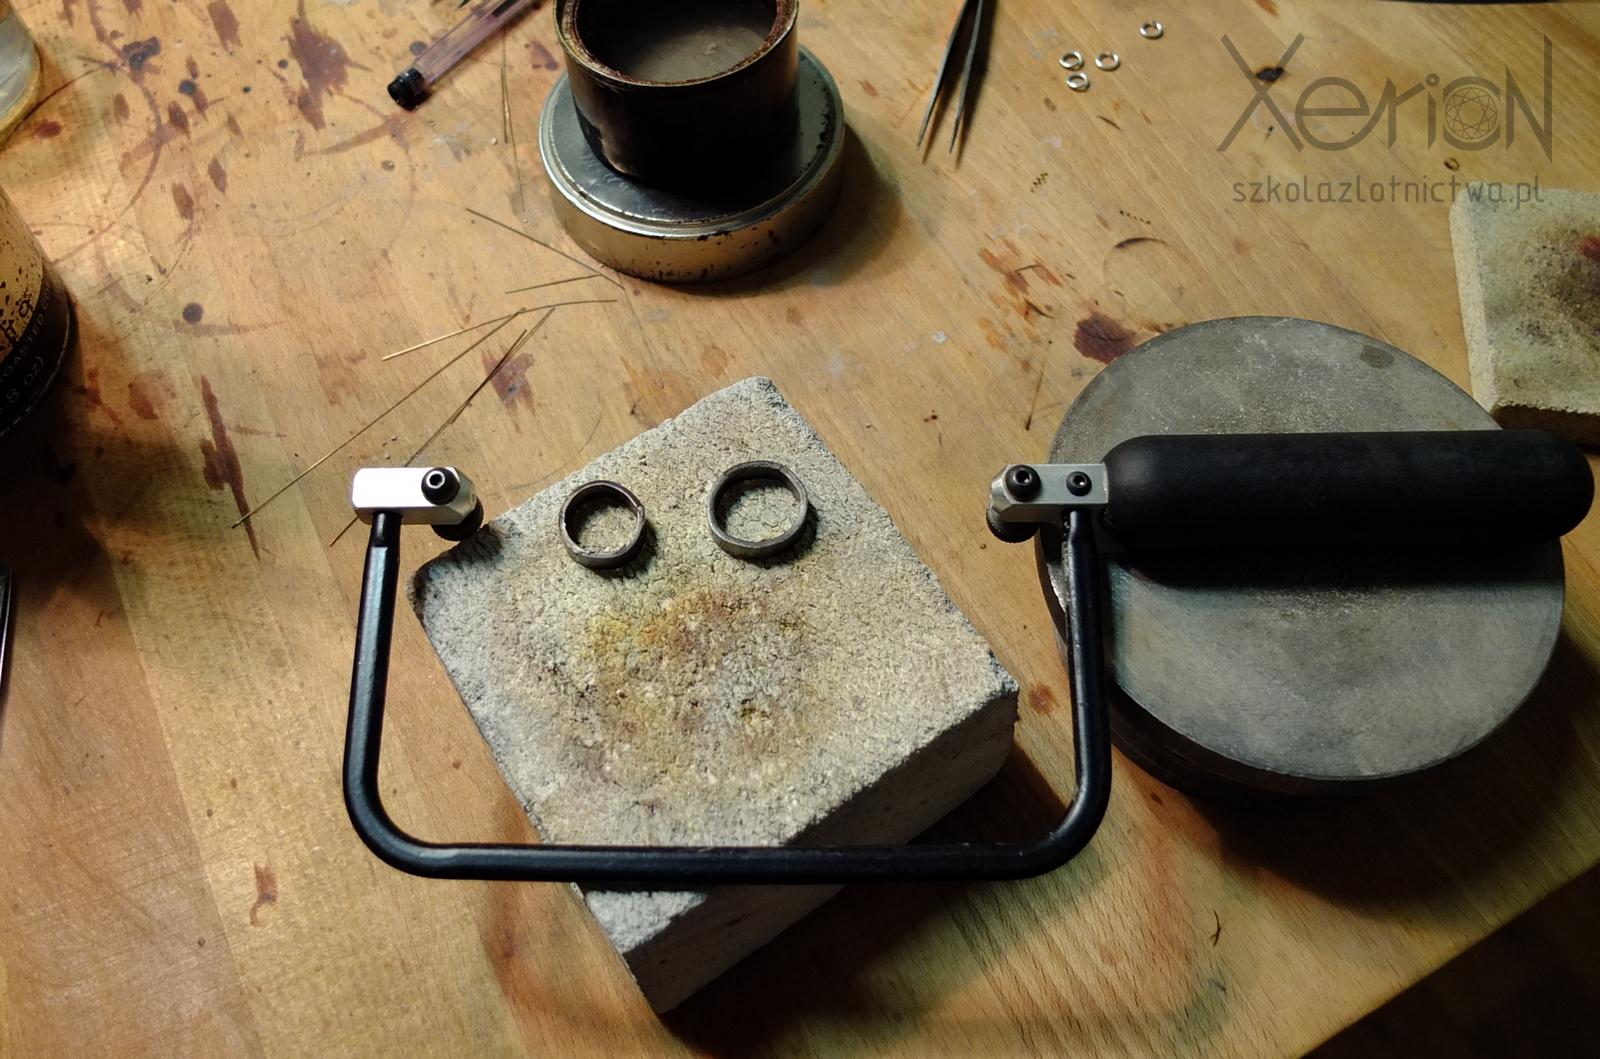 Ramka do brzeszczotów (gesztelka, piłka włosowa) leżąca na stole i uśmiechająca siędo Ciebie.